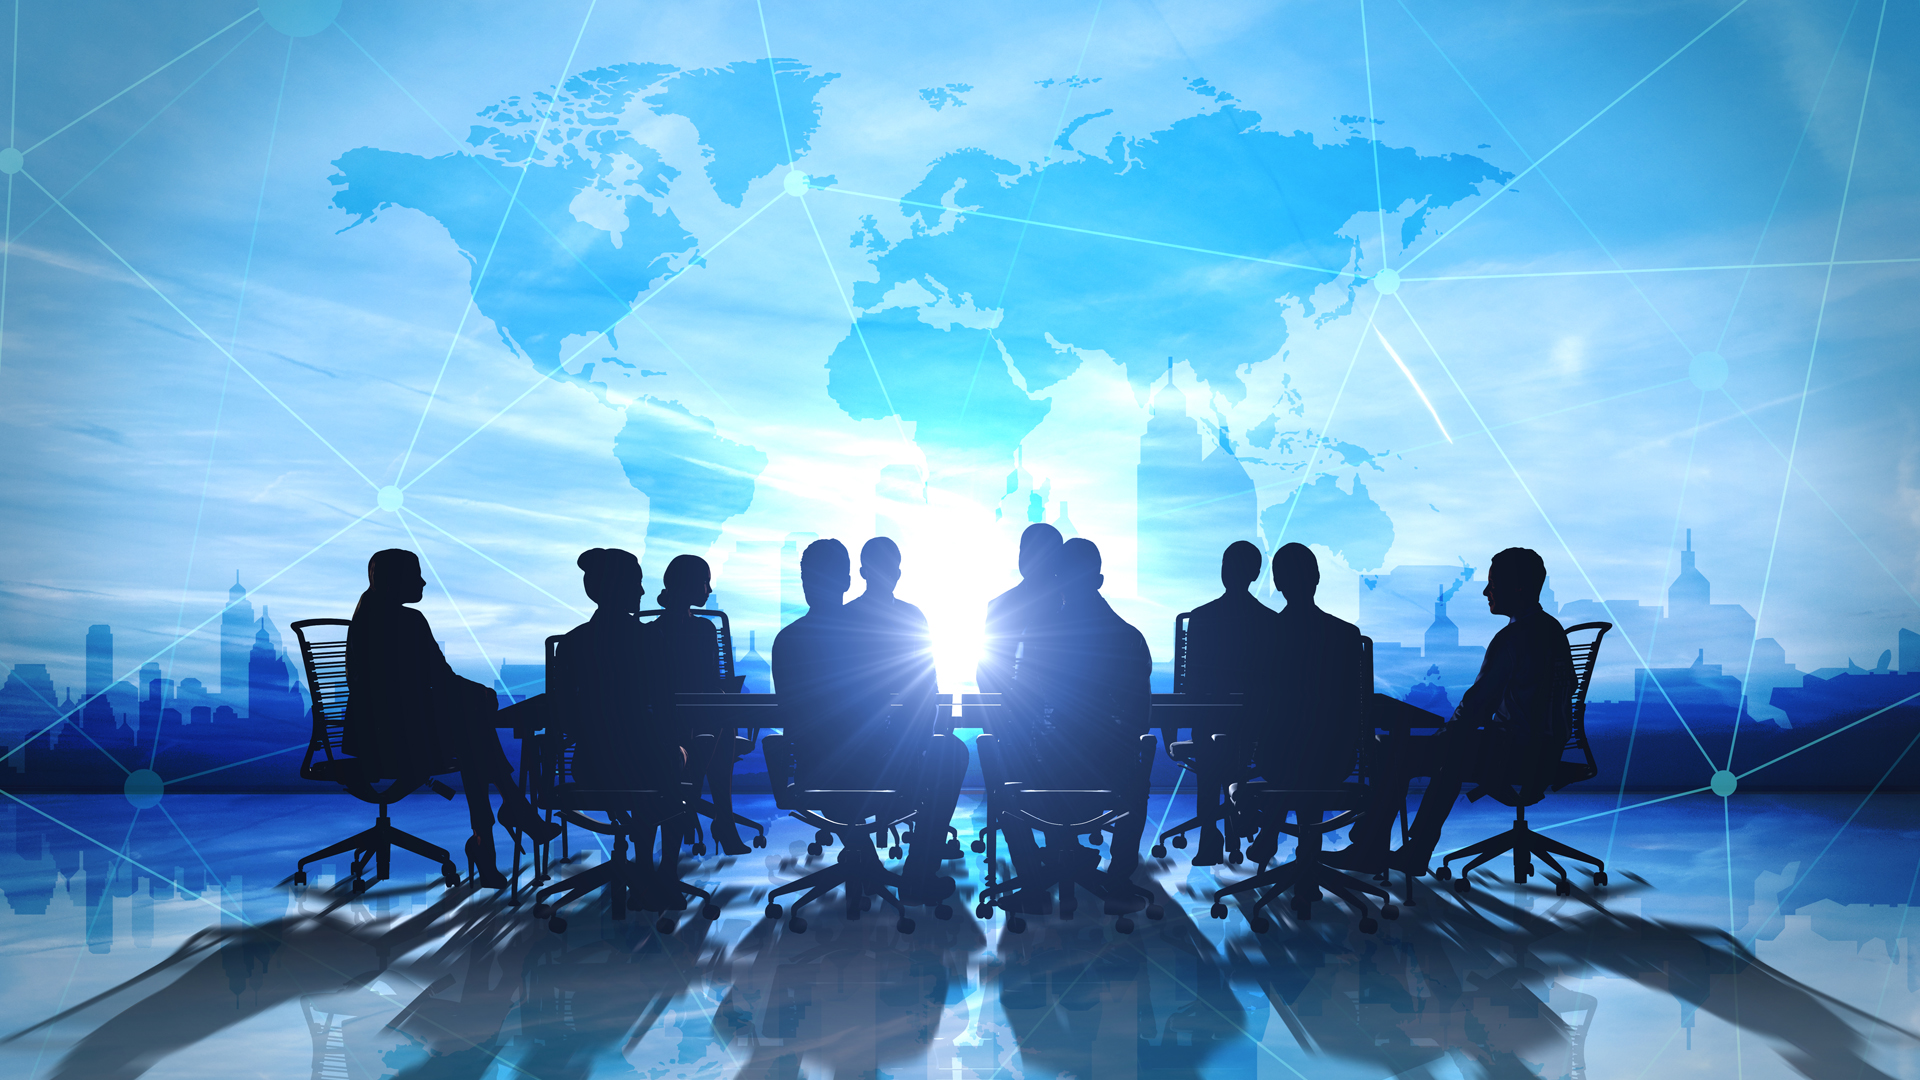 El concepto del DT es una herramienta de gestión que permite indagar en los desafíos complejos dentro de una organización y llegar al verdadero origen del problema